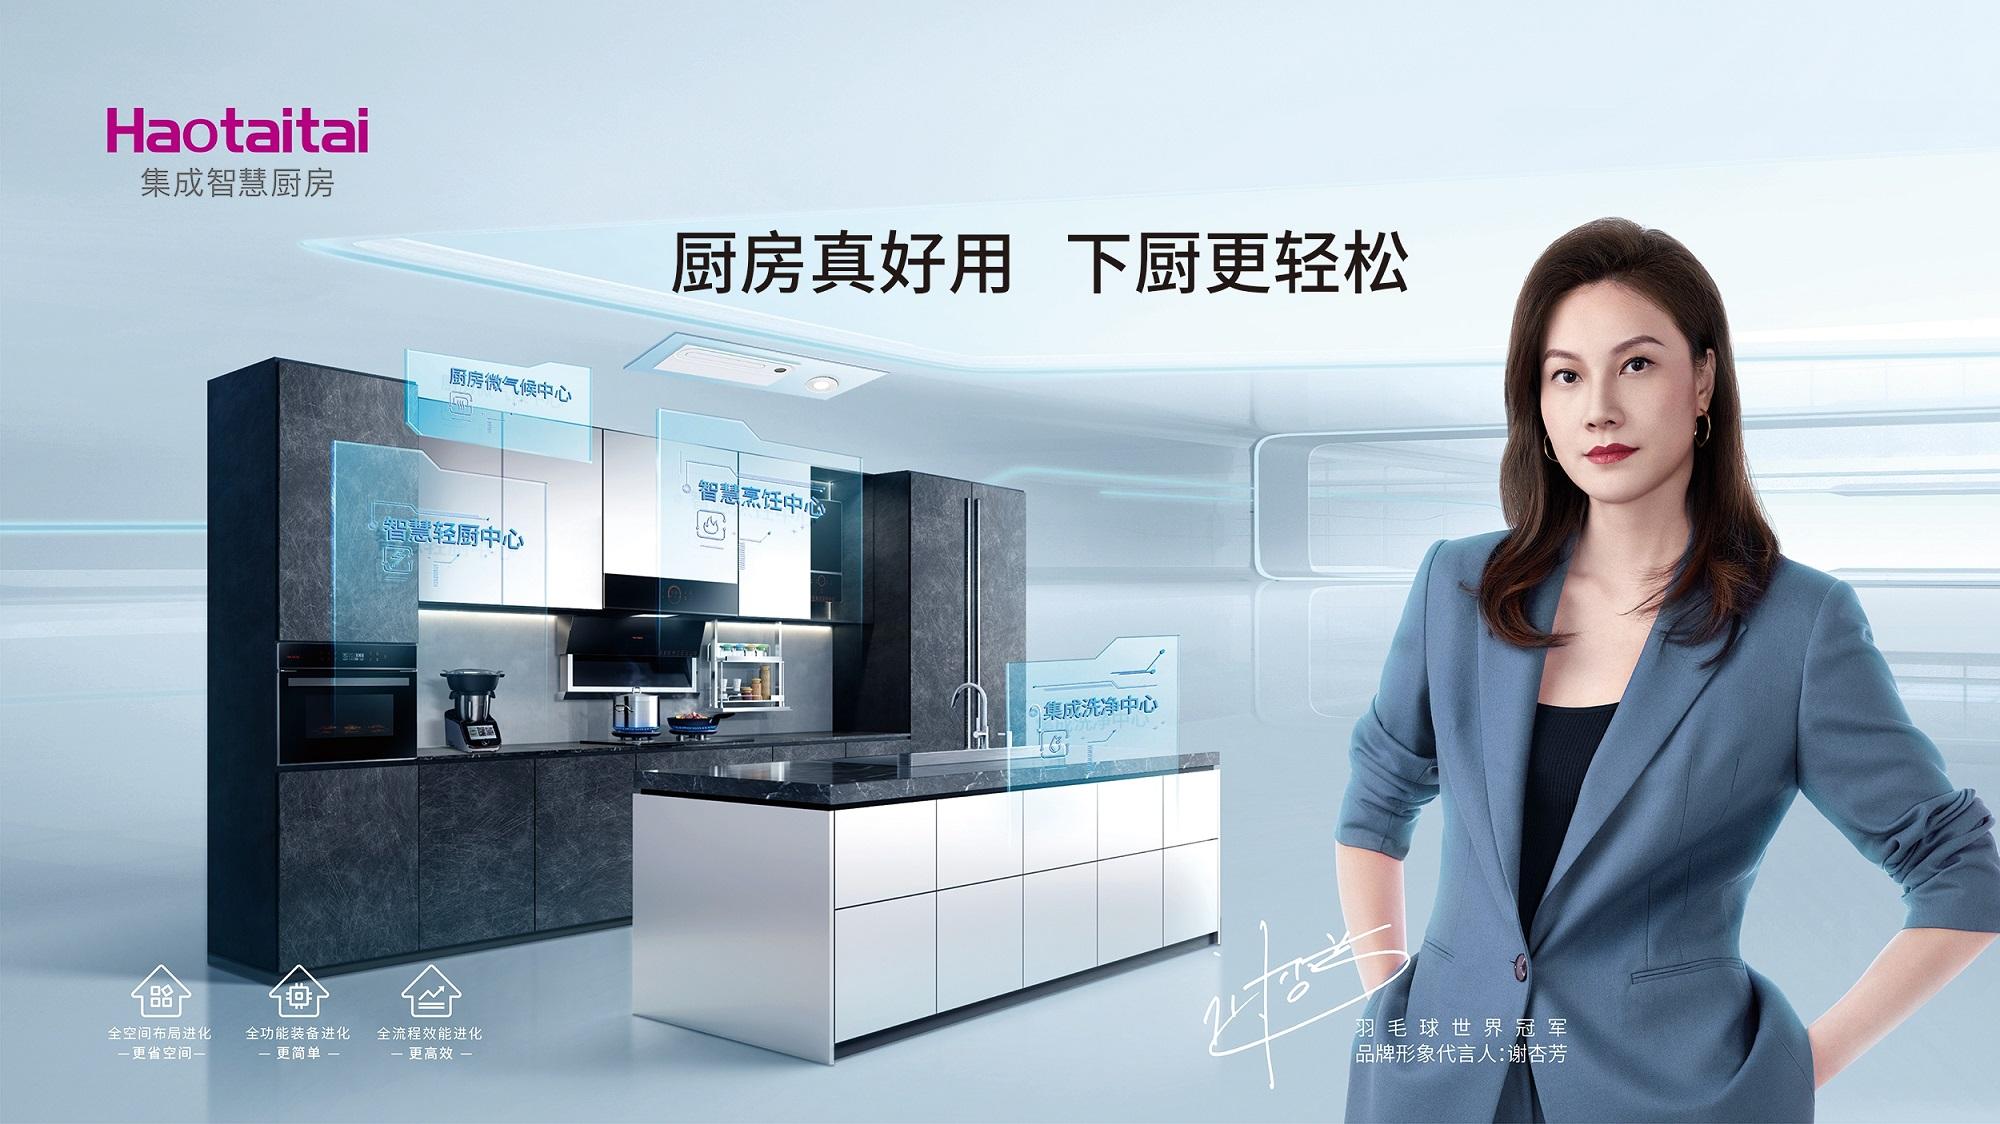 春节厨电持续走红,Haotaitai以用户为中心,打造健康好厨房